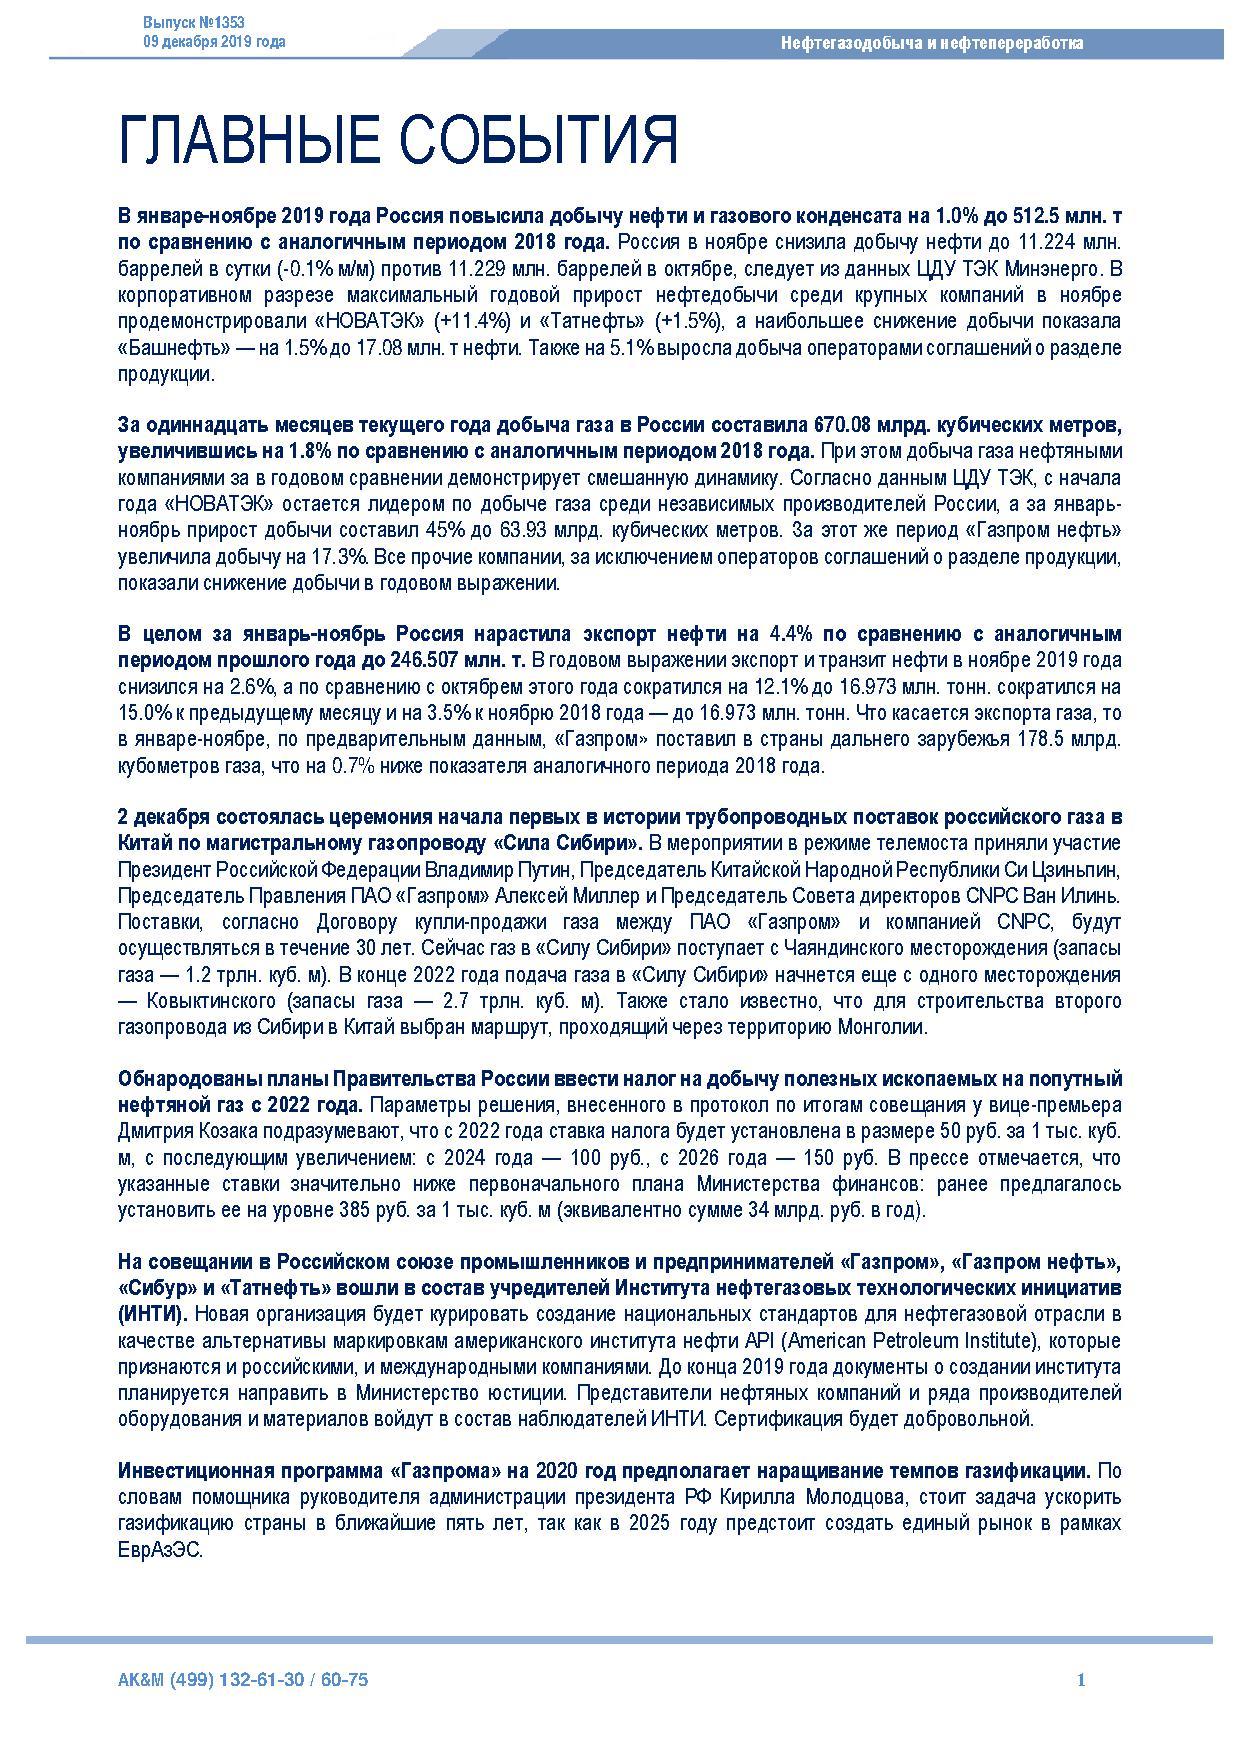 №1353 Нефтегазодобыча и нефтепереработка